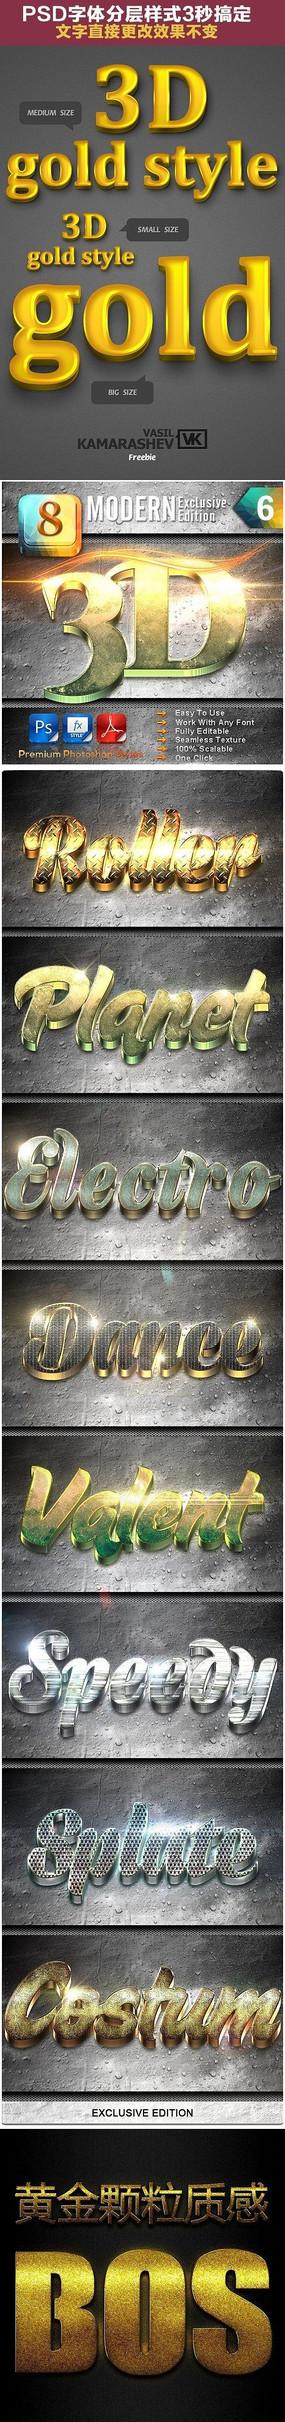 立体3D金属字体样式文字可直接更改